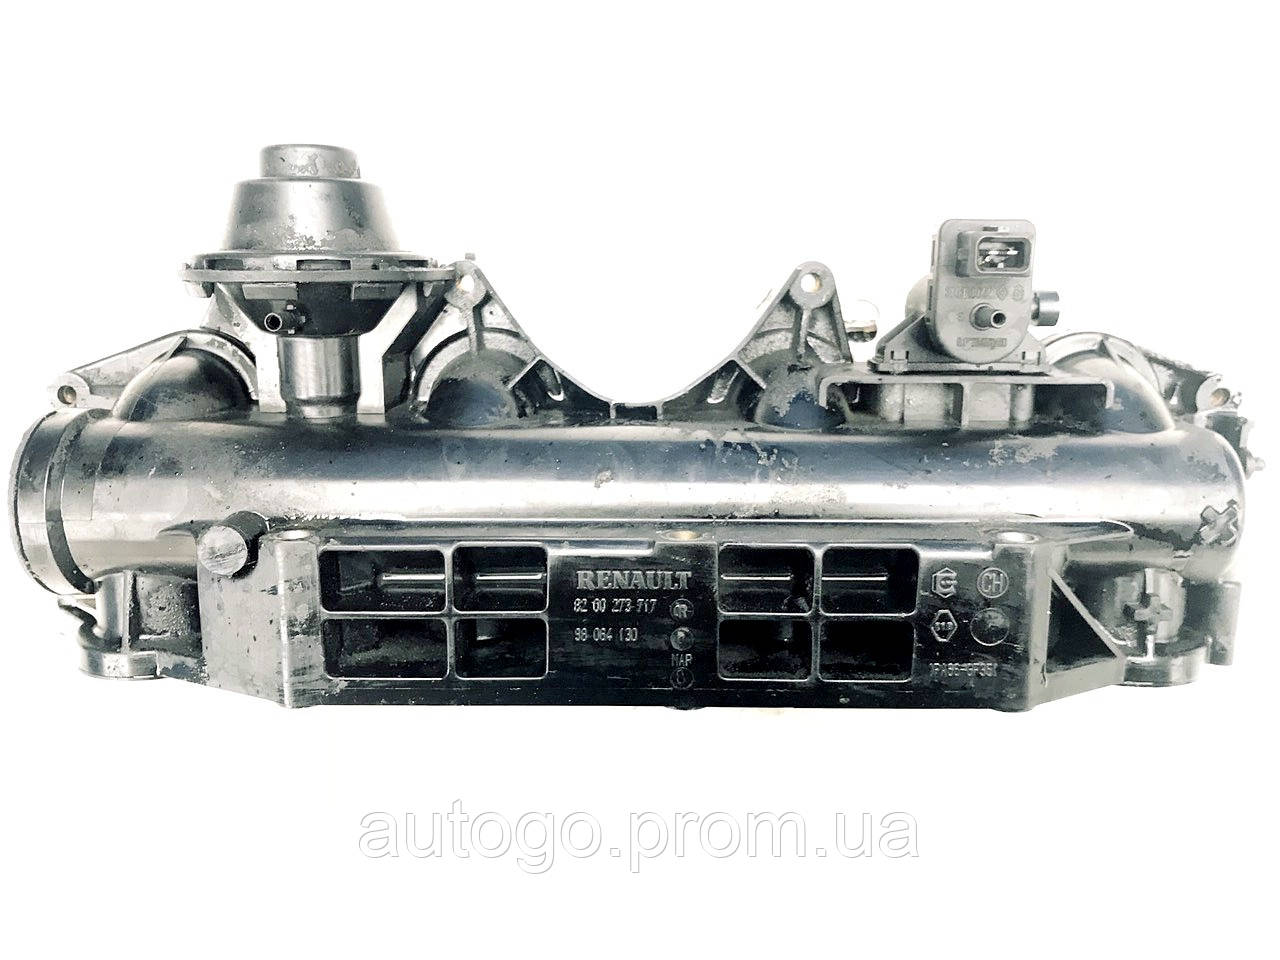 Впускной коллектор Renault Laguna II 2.2 DCI 8200273717